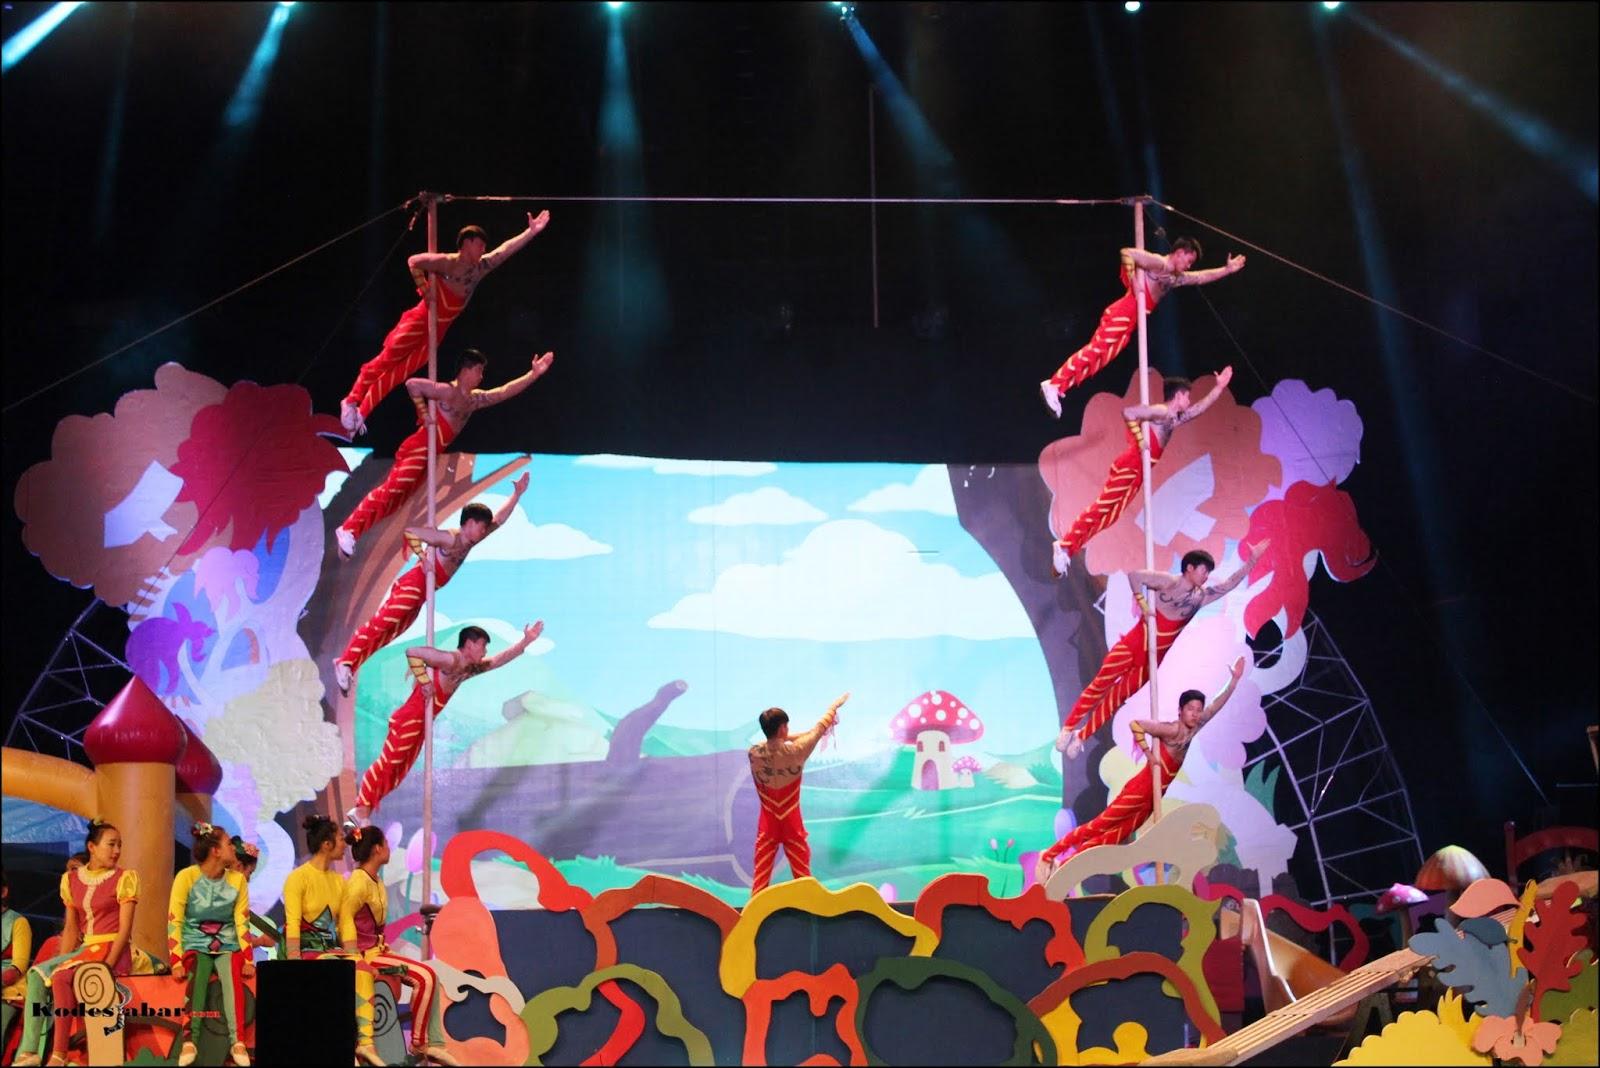 Atraksi Dream Land Sirkus Internasional Yang Menegangkan di Trans Studio Bandung